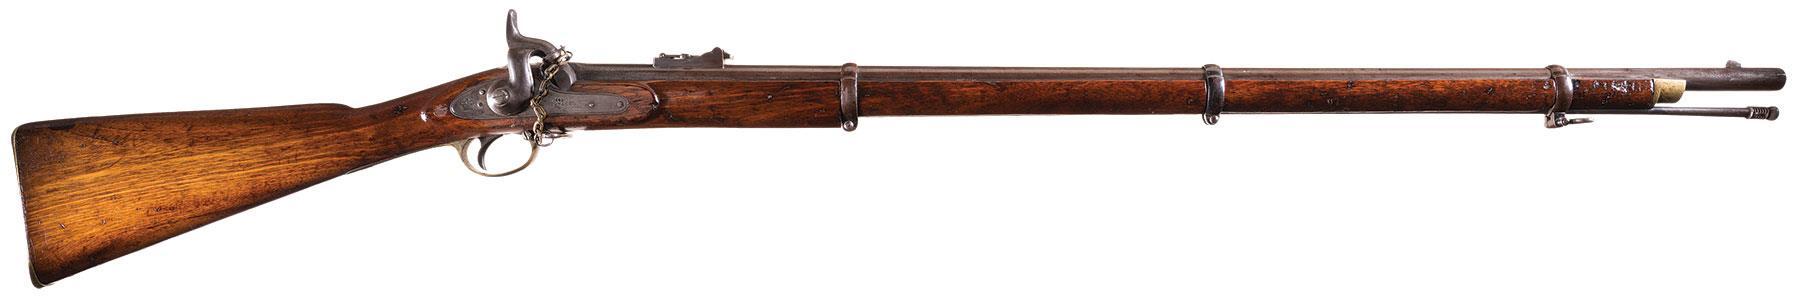 Civil War Era Pattern 1853 Percussion Rifle-Musket